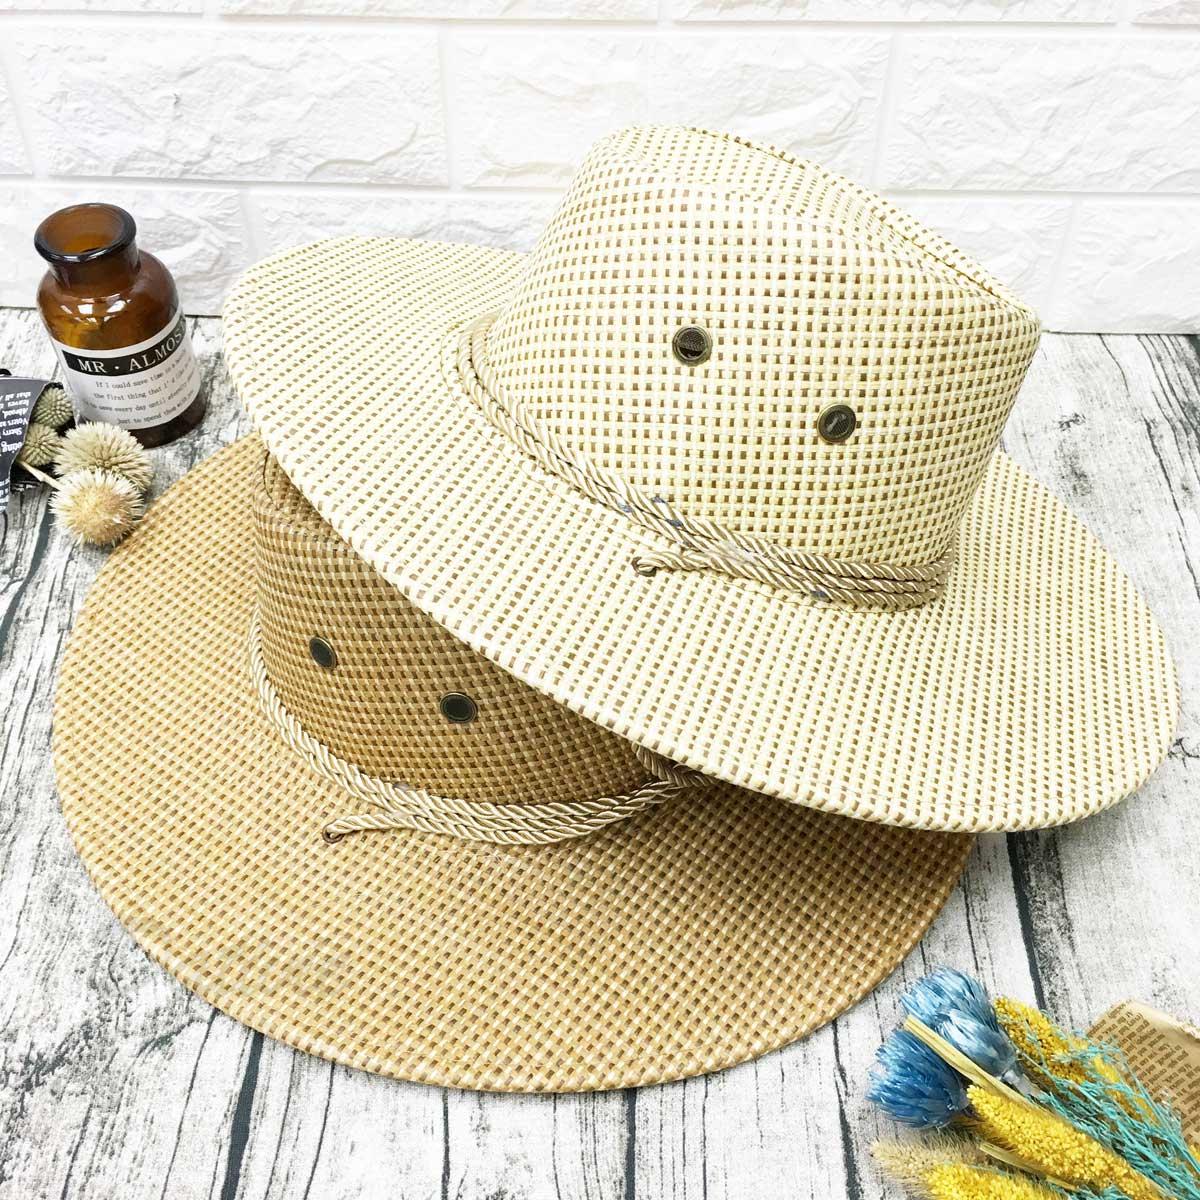 可愛眼睛 編繩裝飾 拉繩可調鬆緊 帽子 遮陽帽 草帽